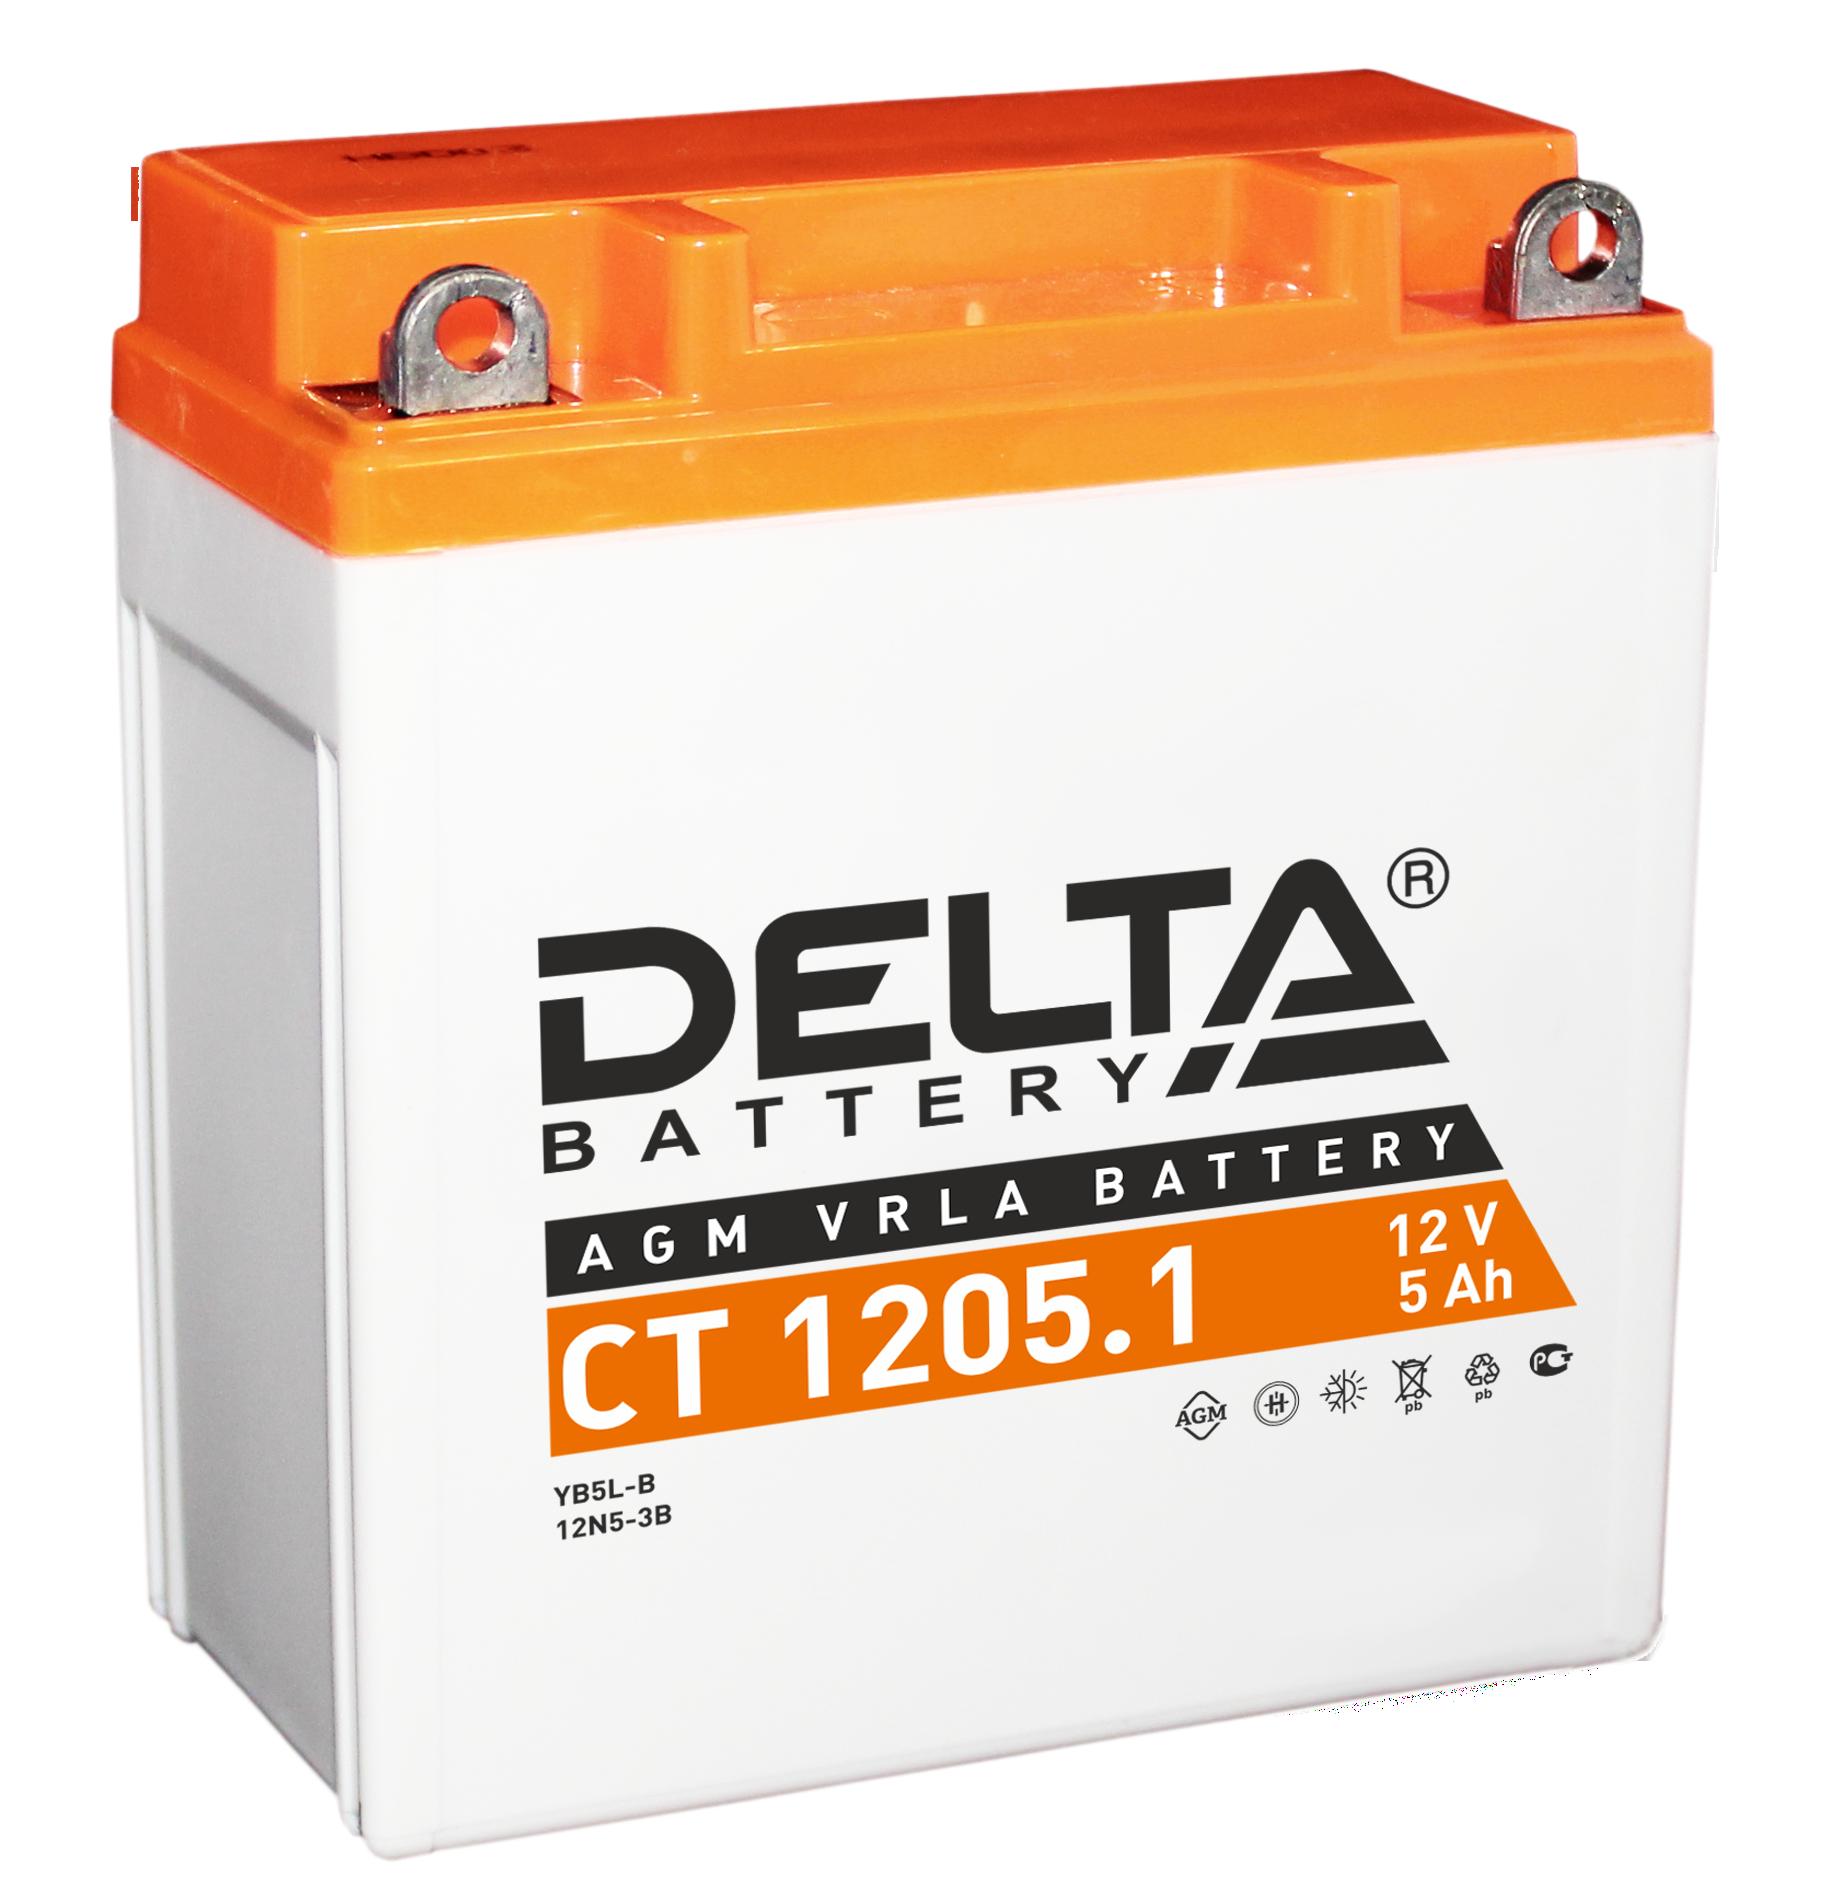 Аккумулятор автомобильный Delta CT 1205.1CT 1205.1свинцово-кислотные аккумуляторы DELTA CT (AGM) специально разработаны для мото-техники, использующей многократный мощный разряд. AGM , как и гелевые аккумуляторы, производятся по технилогии VRLA. Аккмуляторы DELTA не требуют обслуживания, не боятся вибрации, устойчивы к резким перепадам температуры и высокой влажности. Внутри аккумуляторов DELTA используется неподвижный электролит, увеличивающий срок службы аккумуляторов DELTA на 30%.